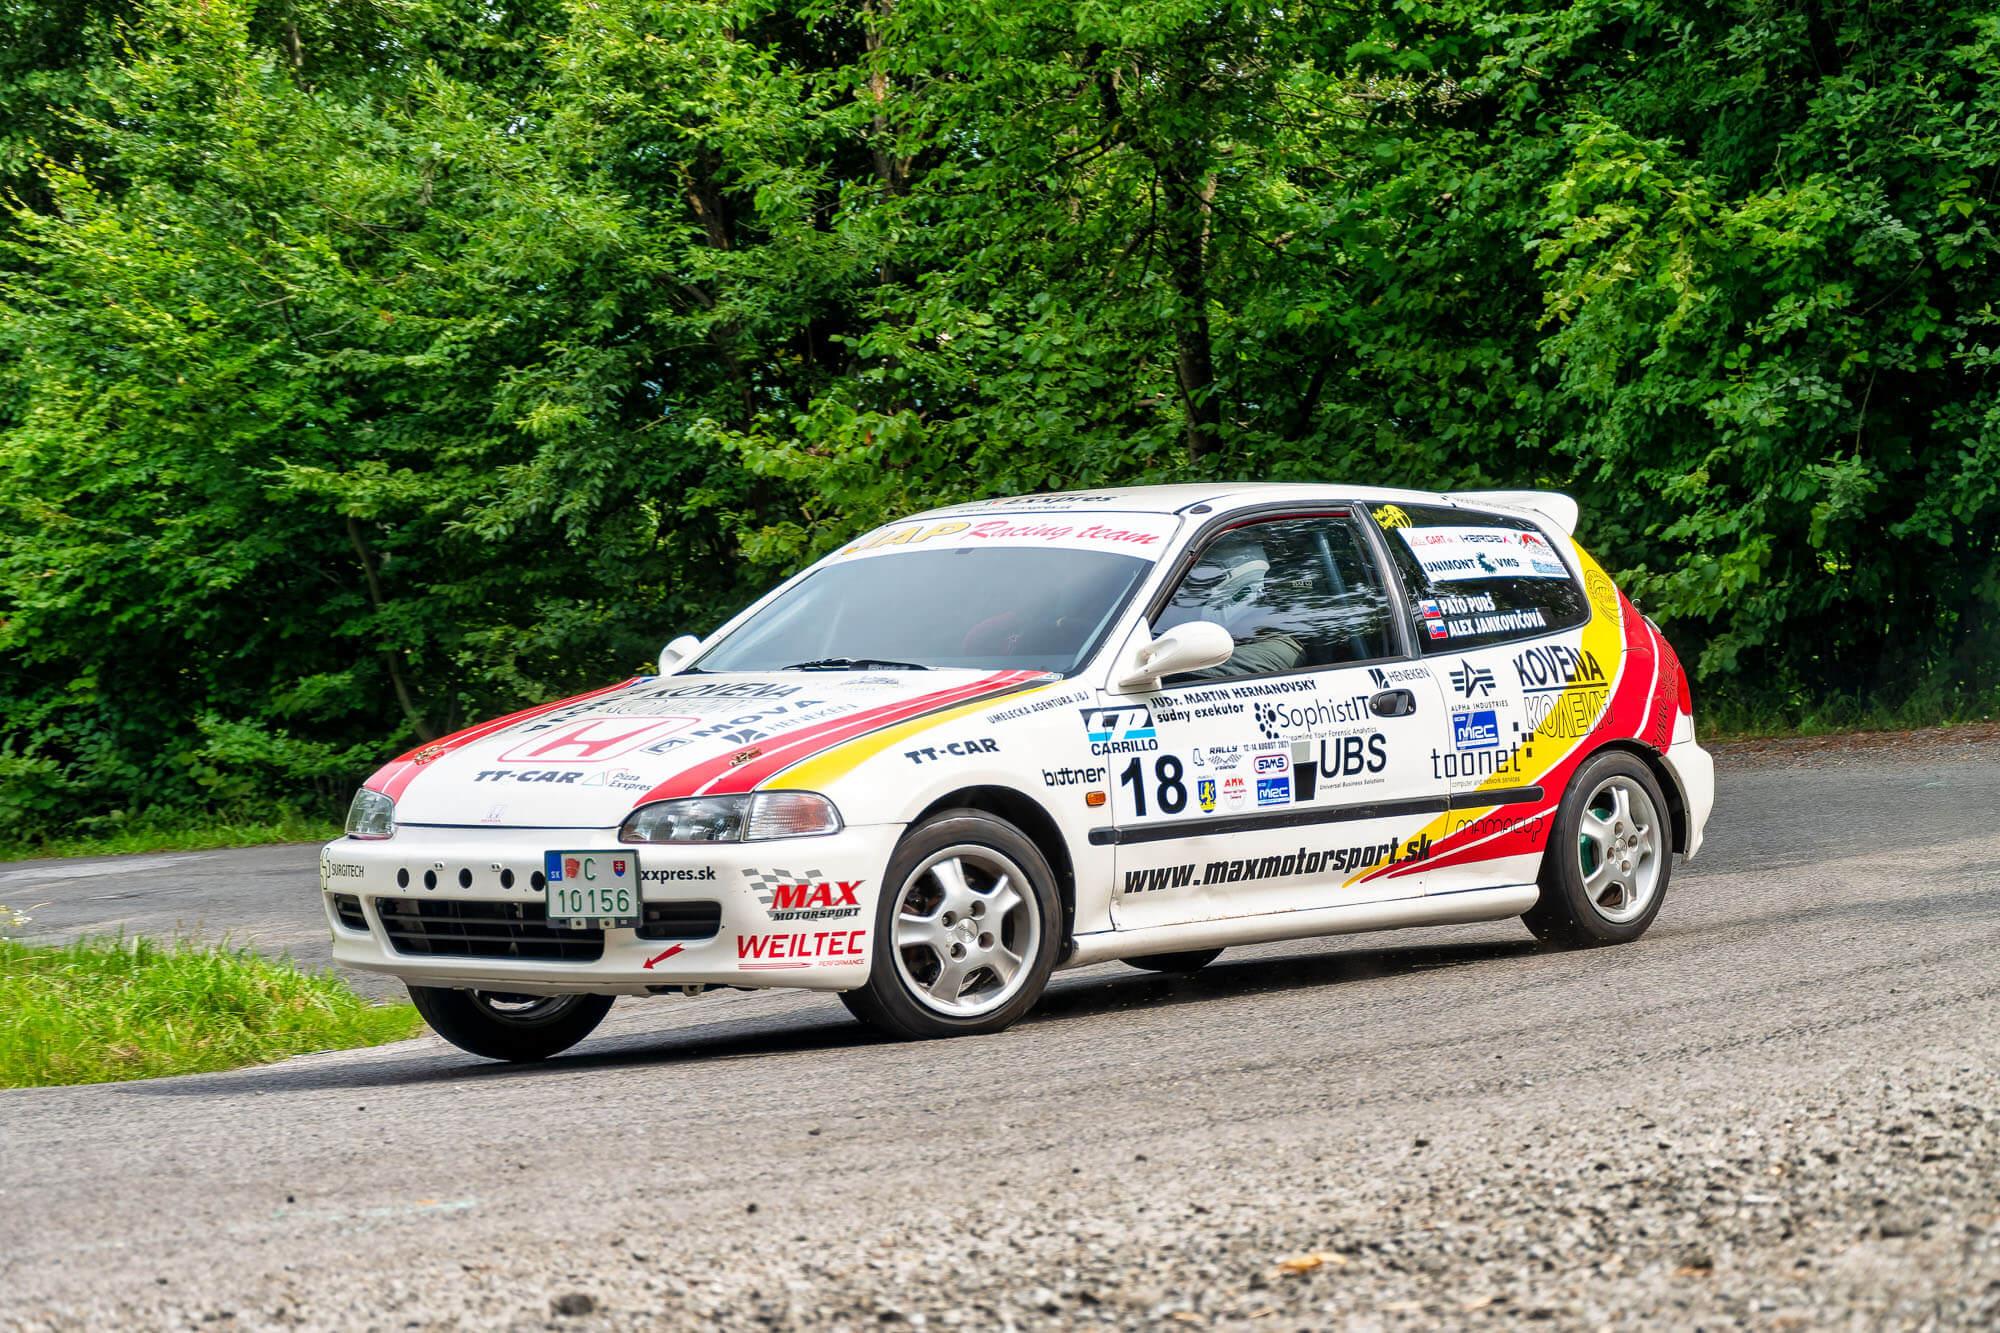 Rally Vranov 2021, stavba zavodnych vozidiel, nahradne diely, programovanie riadiacej jednotky, pretekarske palivo, Maxmotorsport